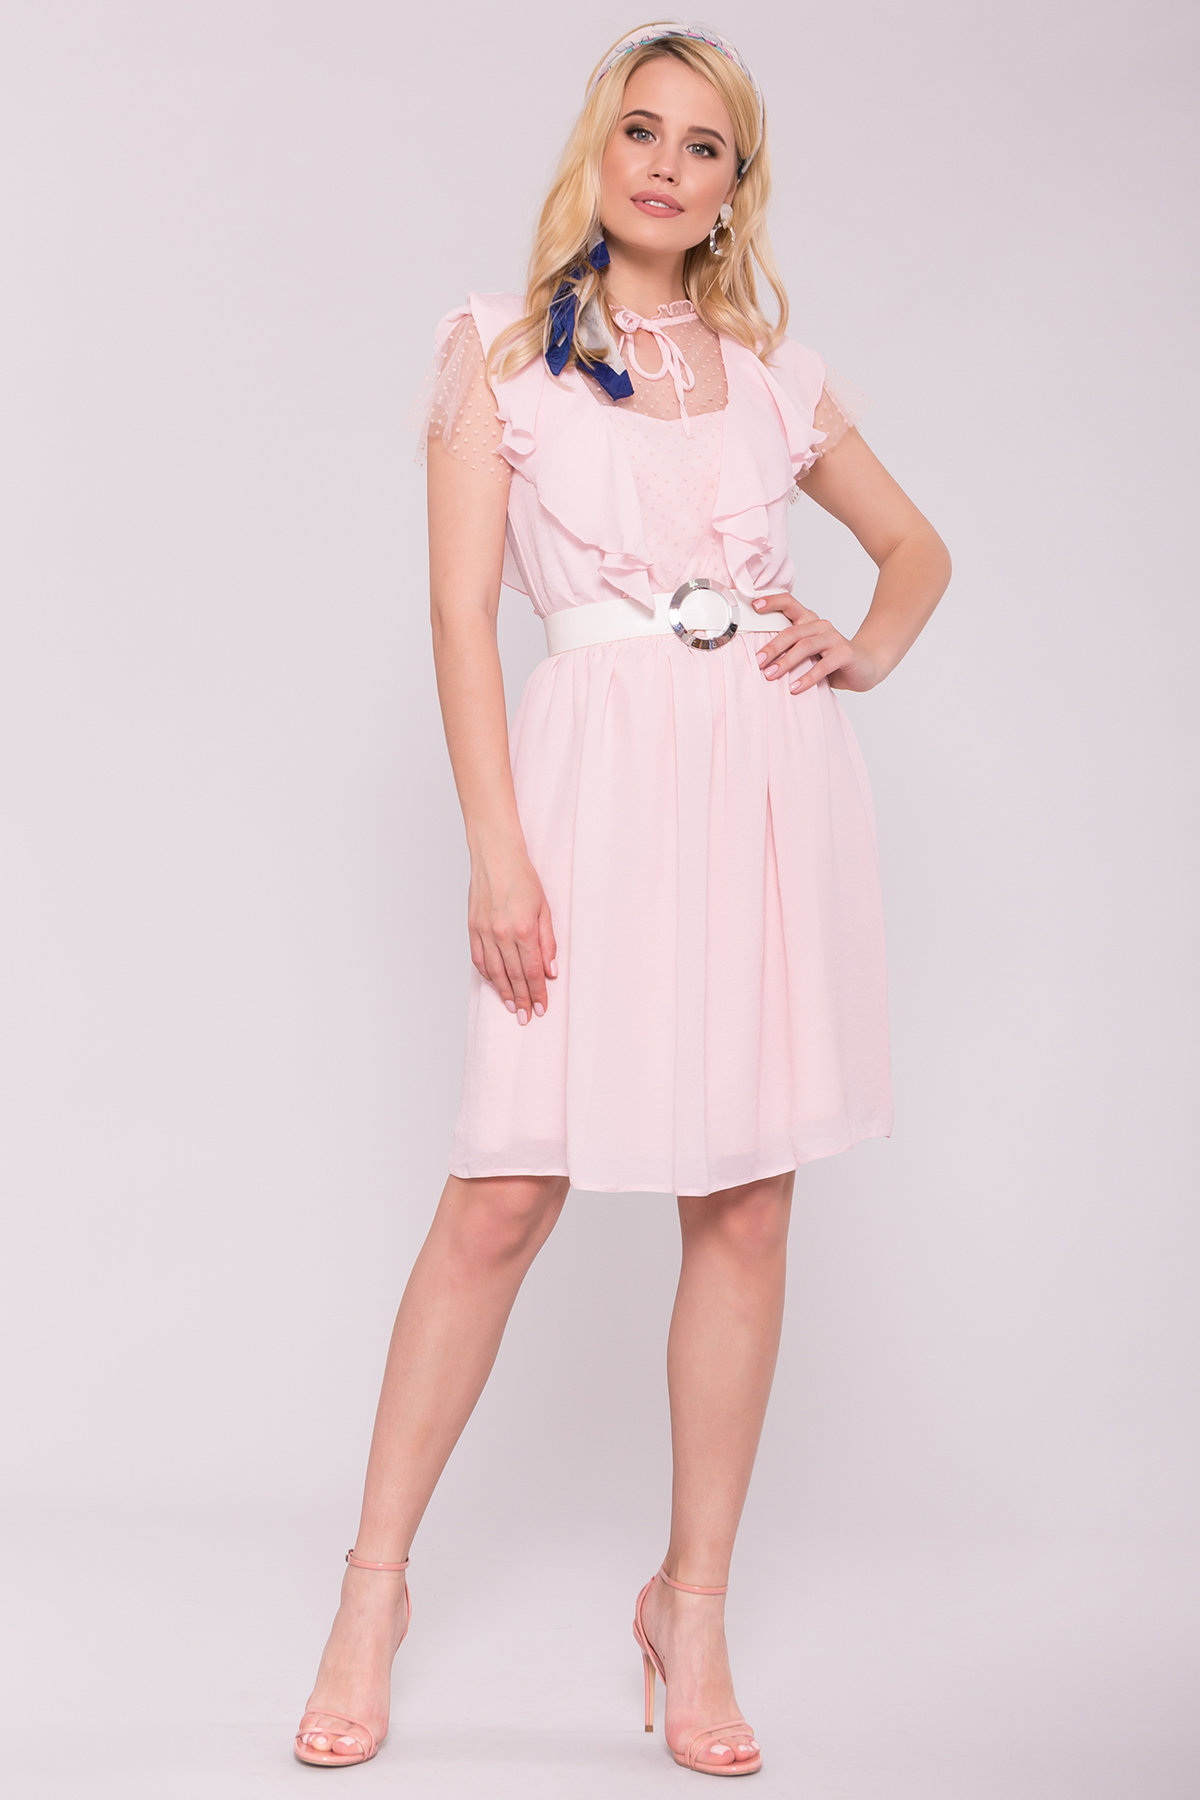 Платье Либре 7256 АРТ. 42820 Цвет: Розовый светлый 7 - фото 2, интернет магазин tm-modus.ru